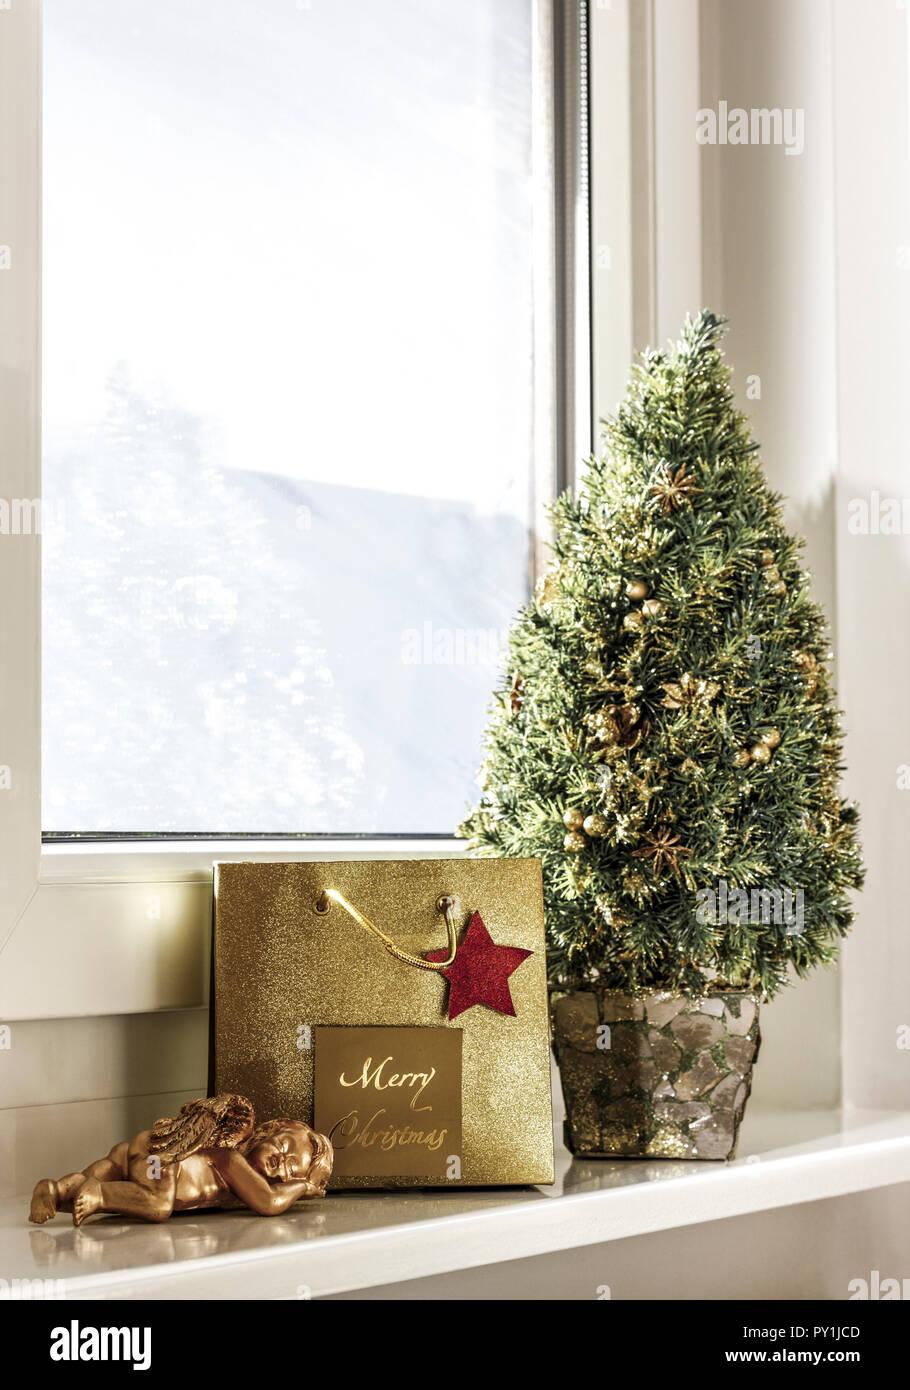 Weihnachtsdekoration mit kleinem Baeumchen auf Fensterbrett - Stock Image